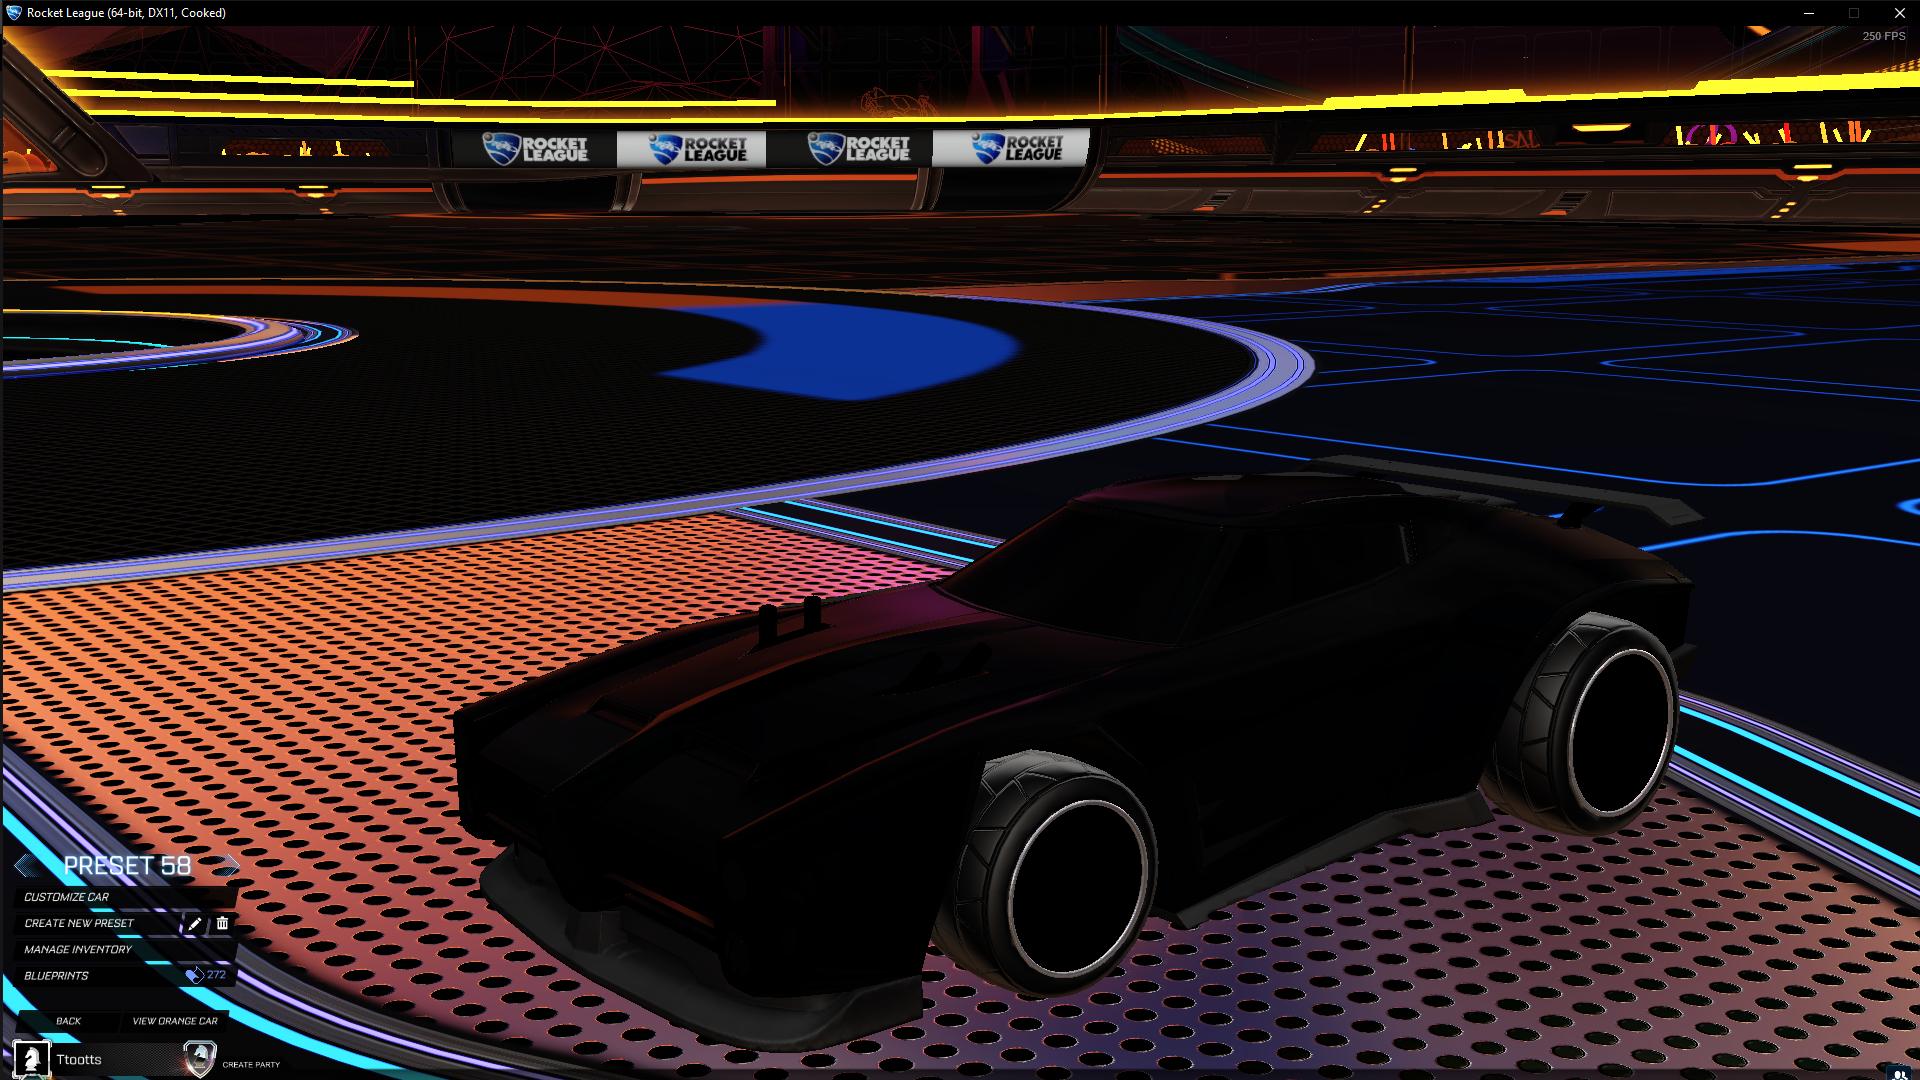 Black Dominus